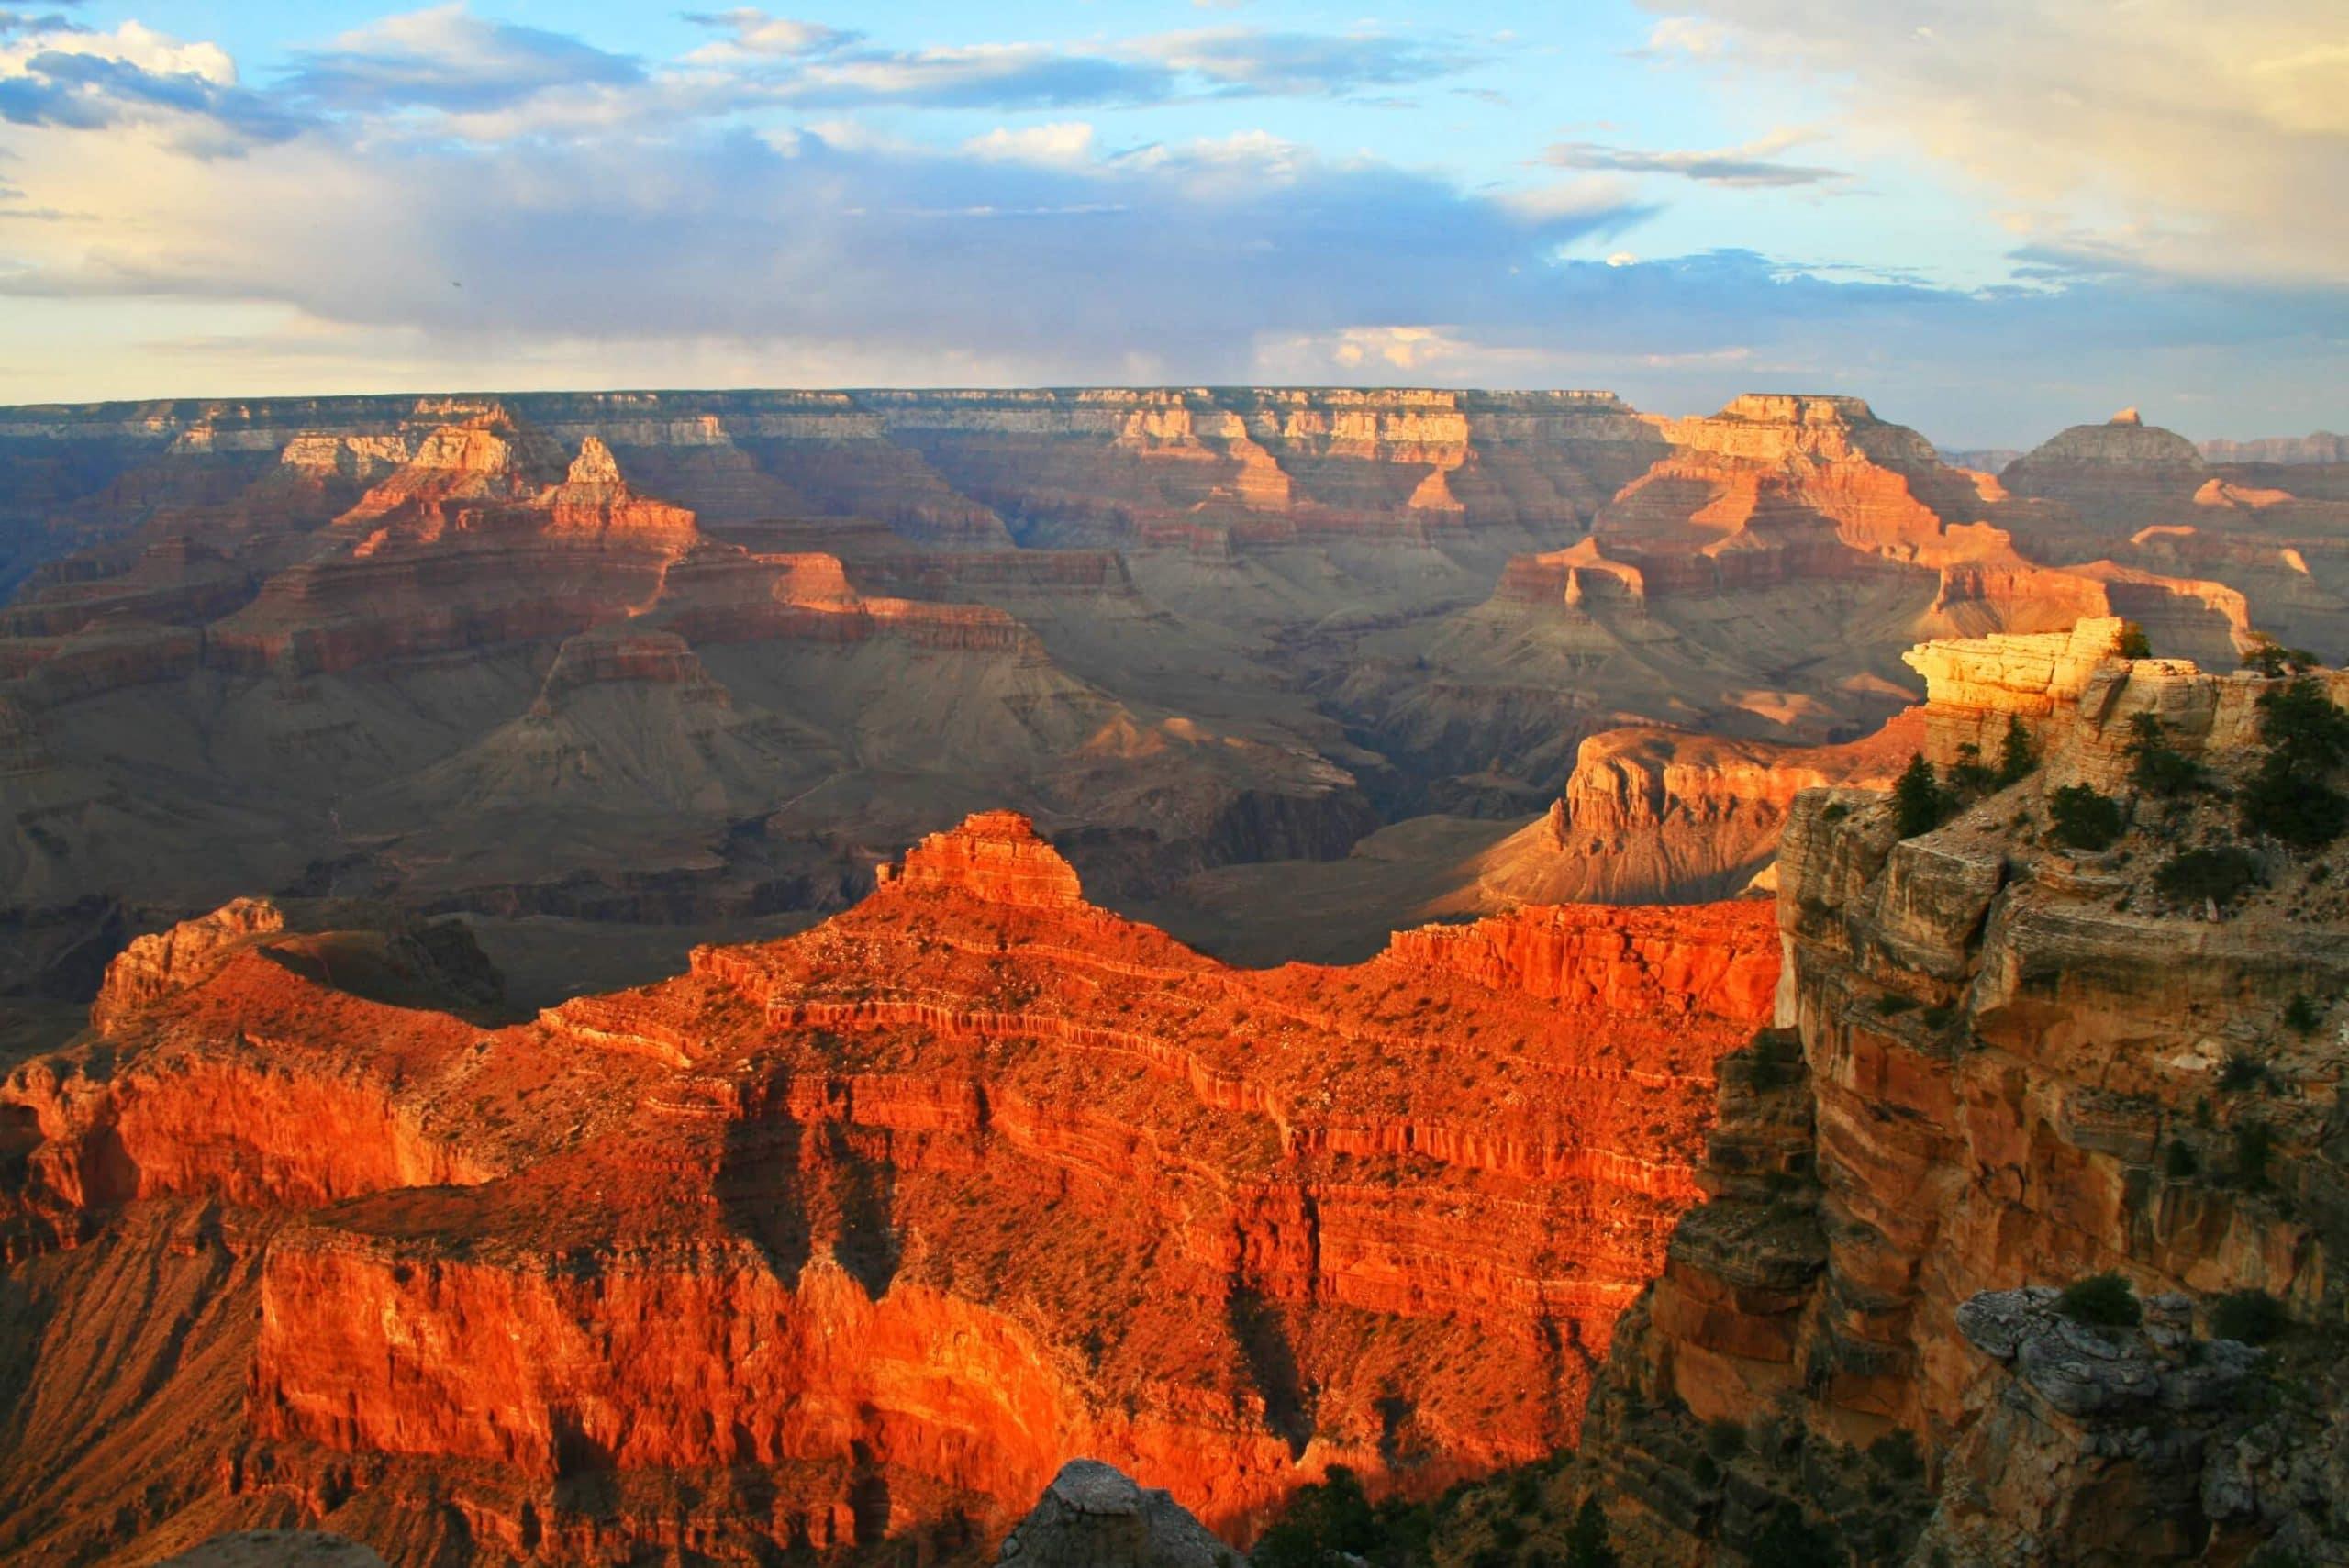 Az USA-ban lévő Grand Canyon a világörökség része